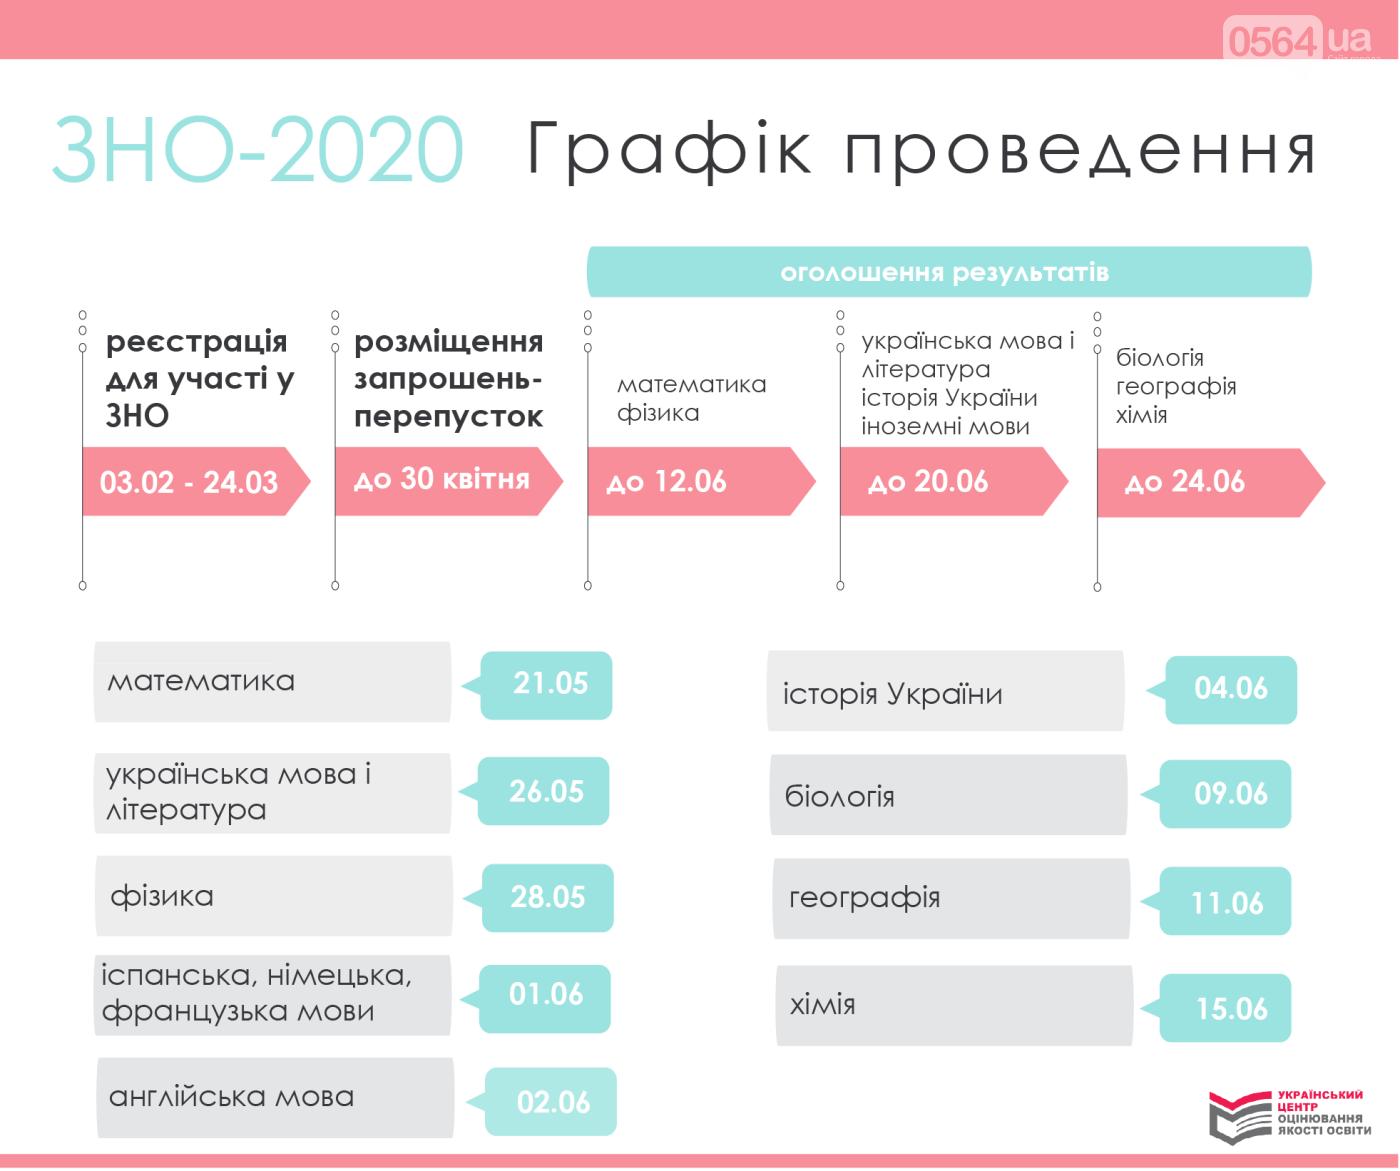 Центр оценивания качества образования обнародовал график проведения ВНО в 2020 году, фото-1